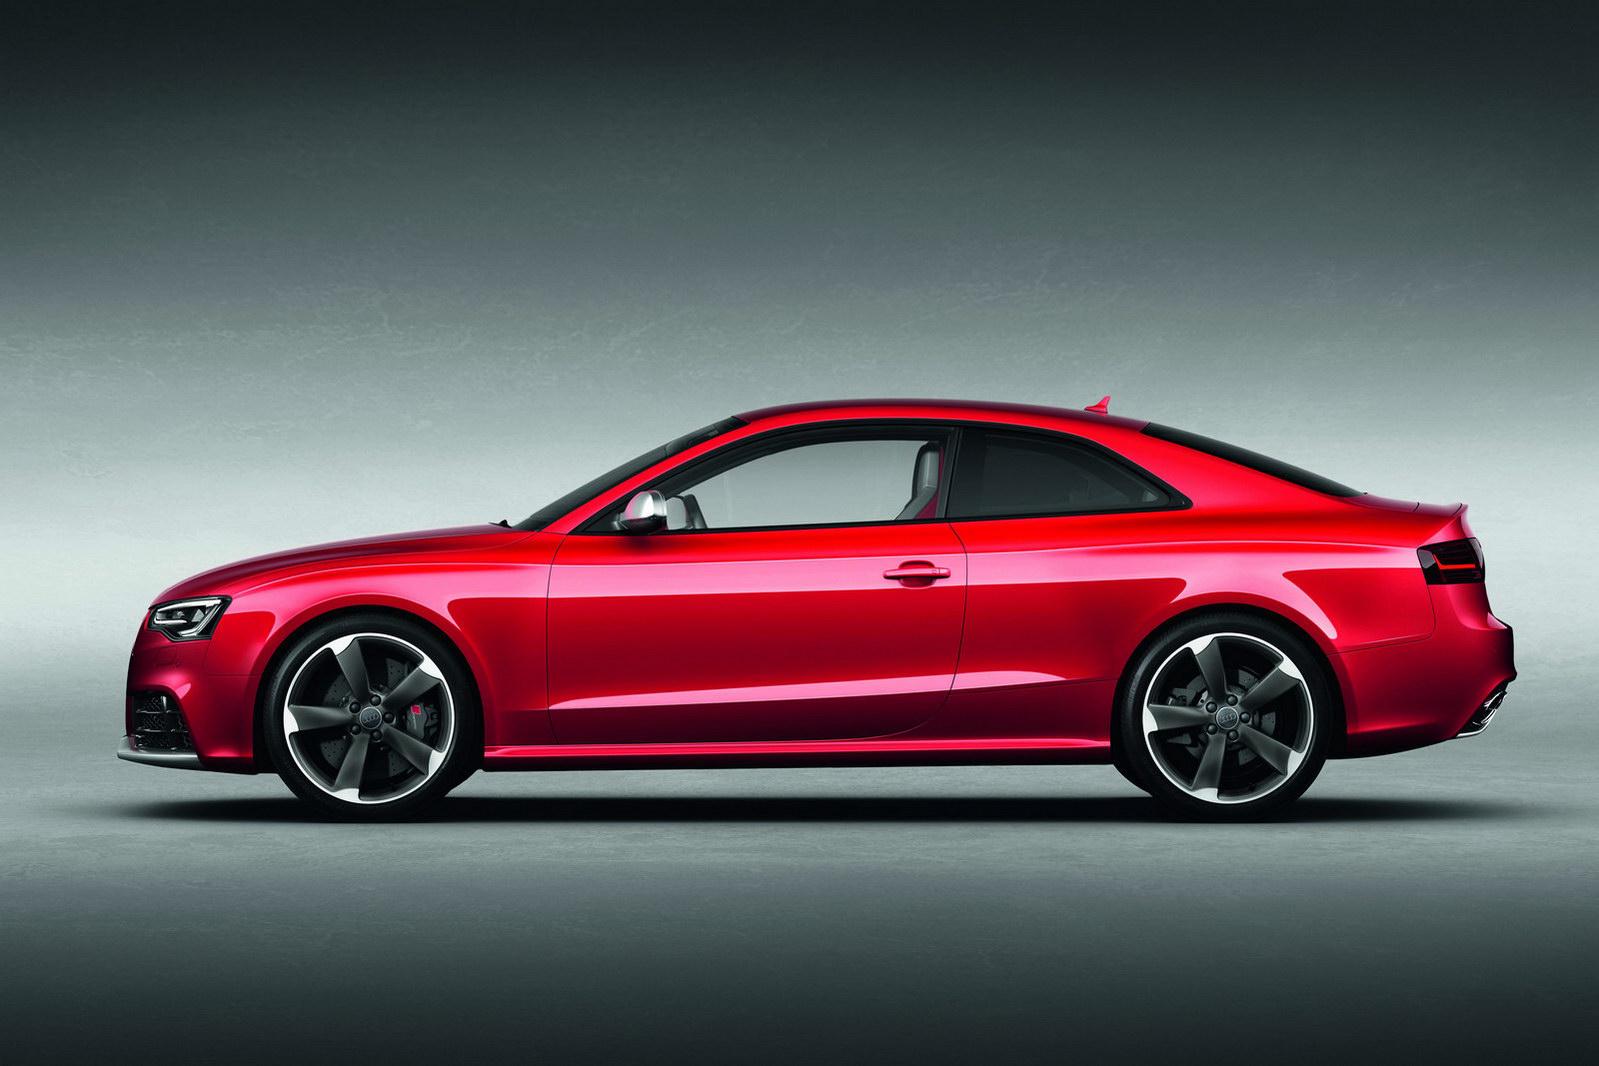 Audi A5 красная купе  № 3761321 бесплатно